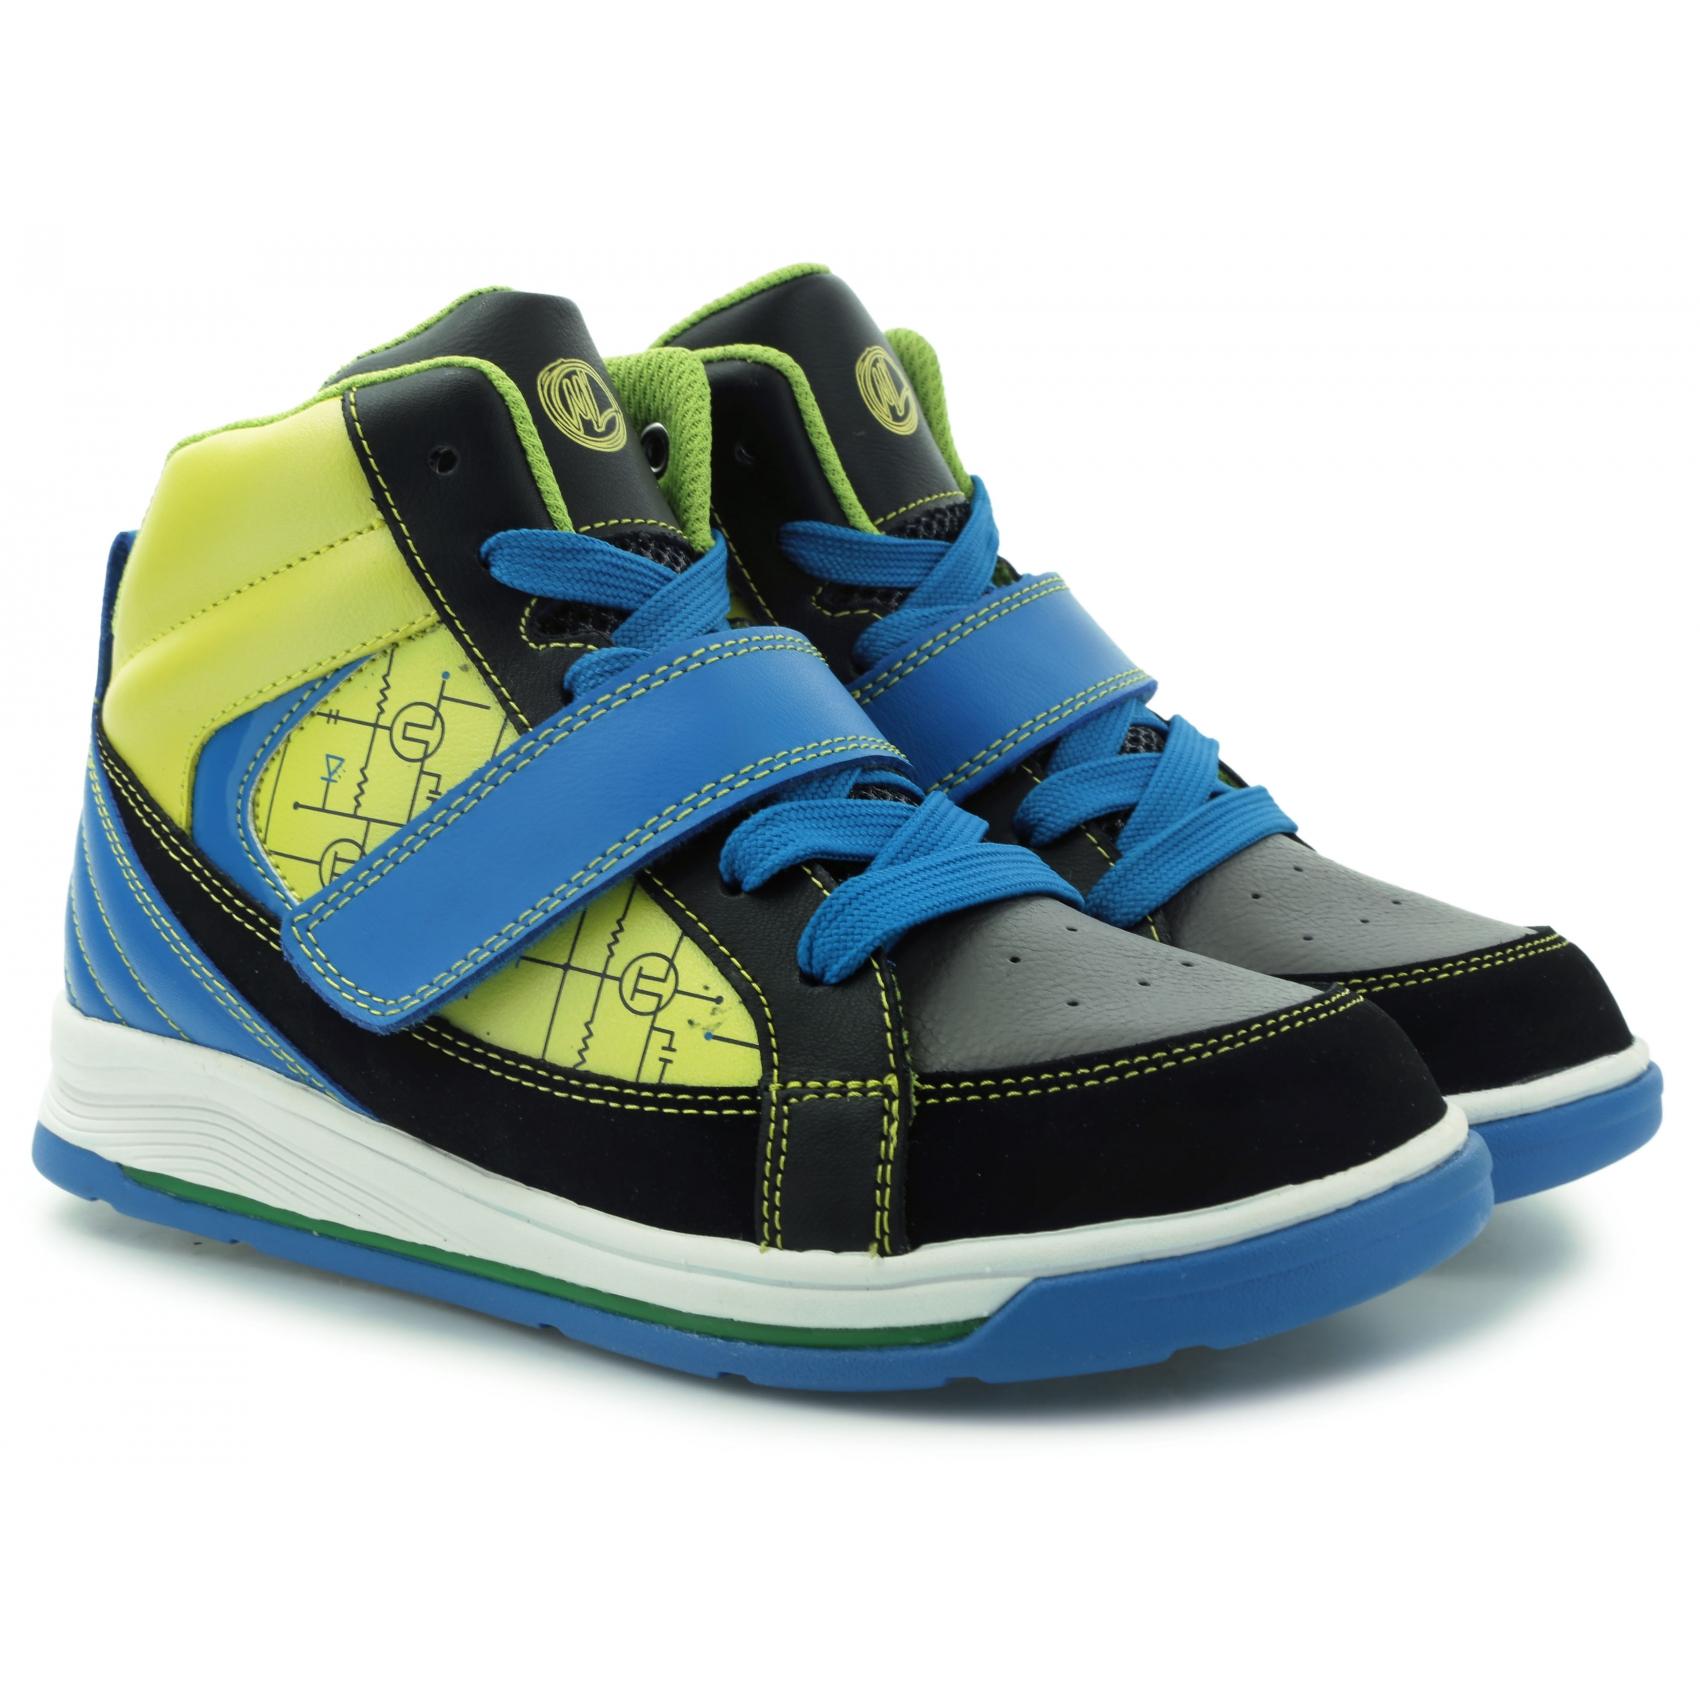 Designer Childrens Shoes Uk